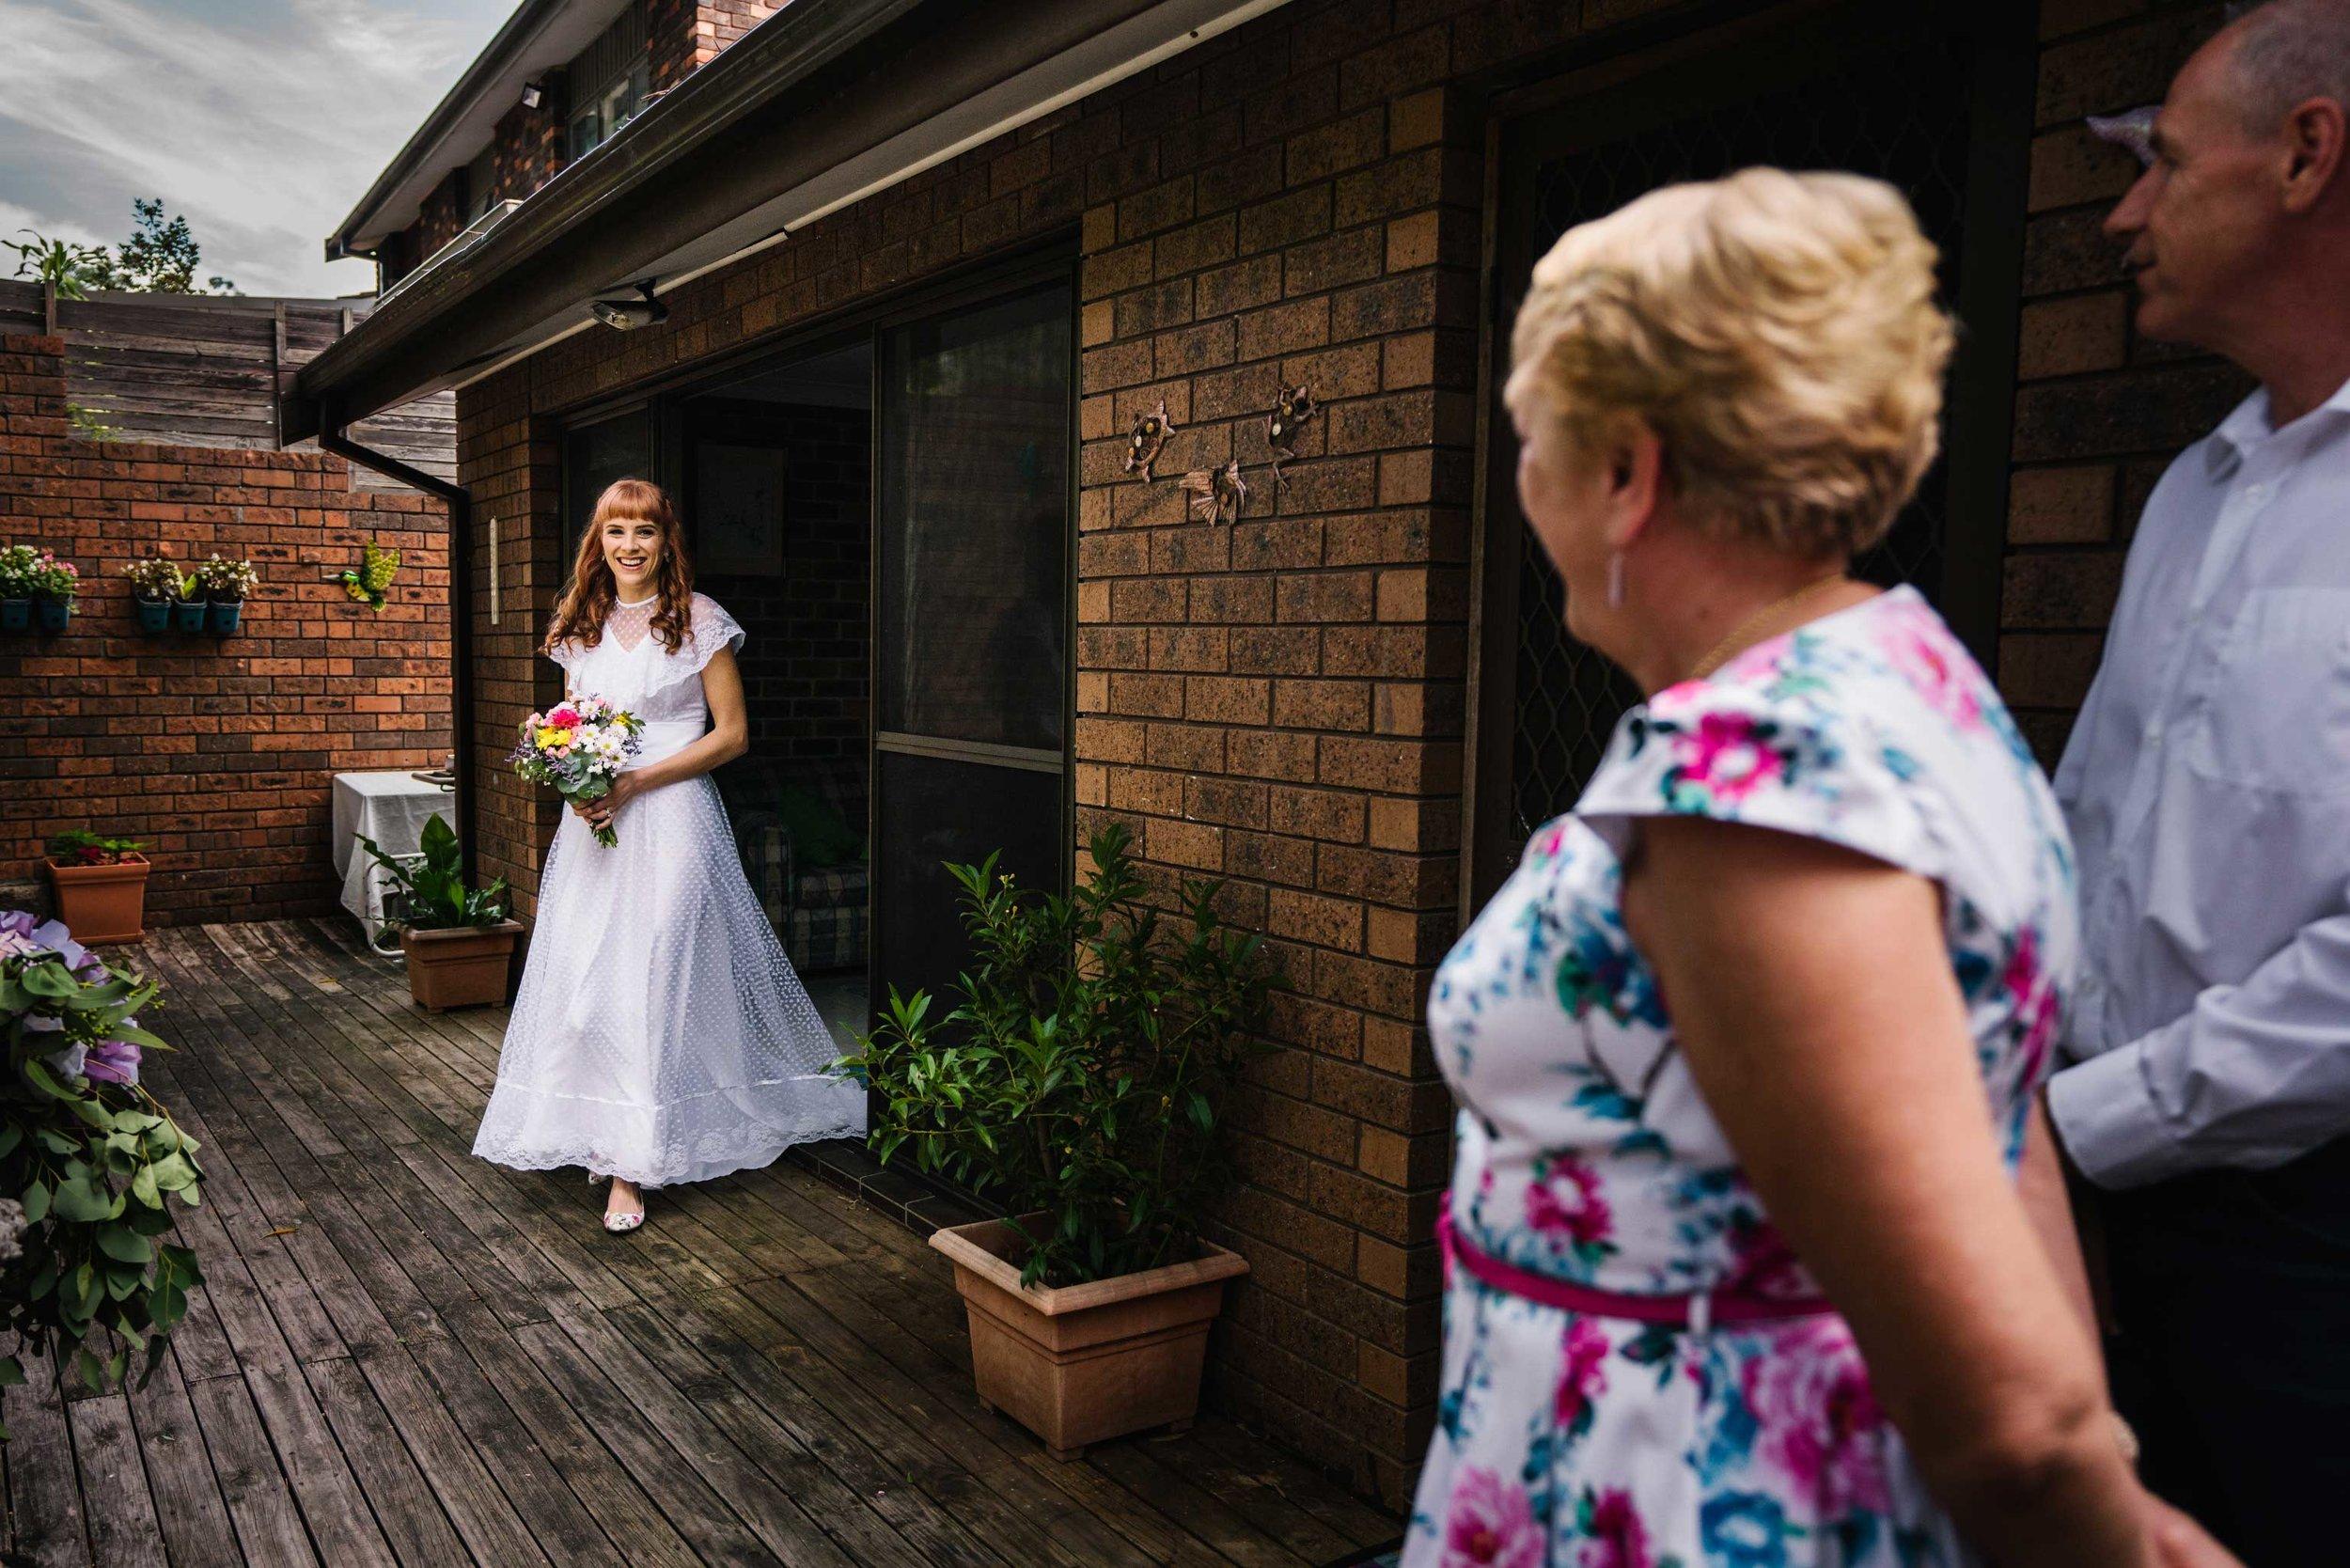 Bride in vintage wedding gown enters garden ceremony